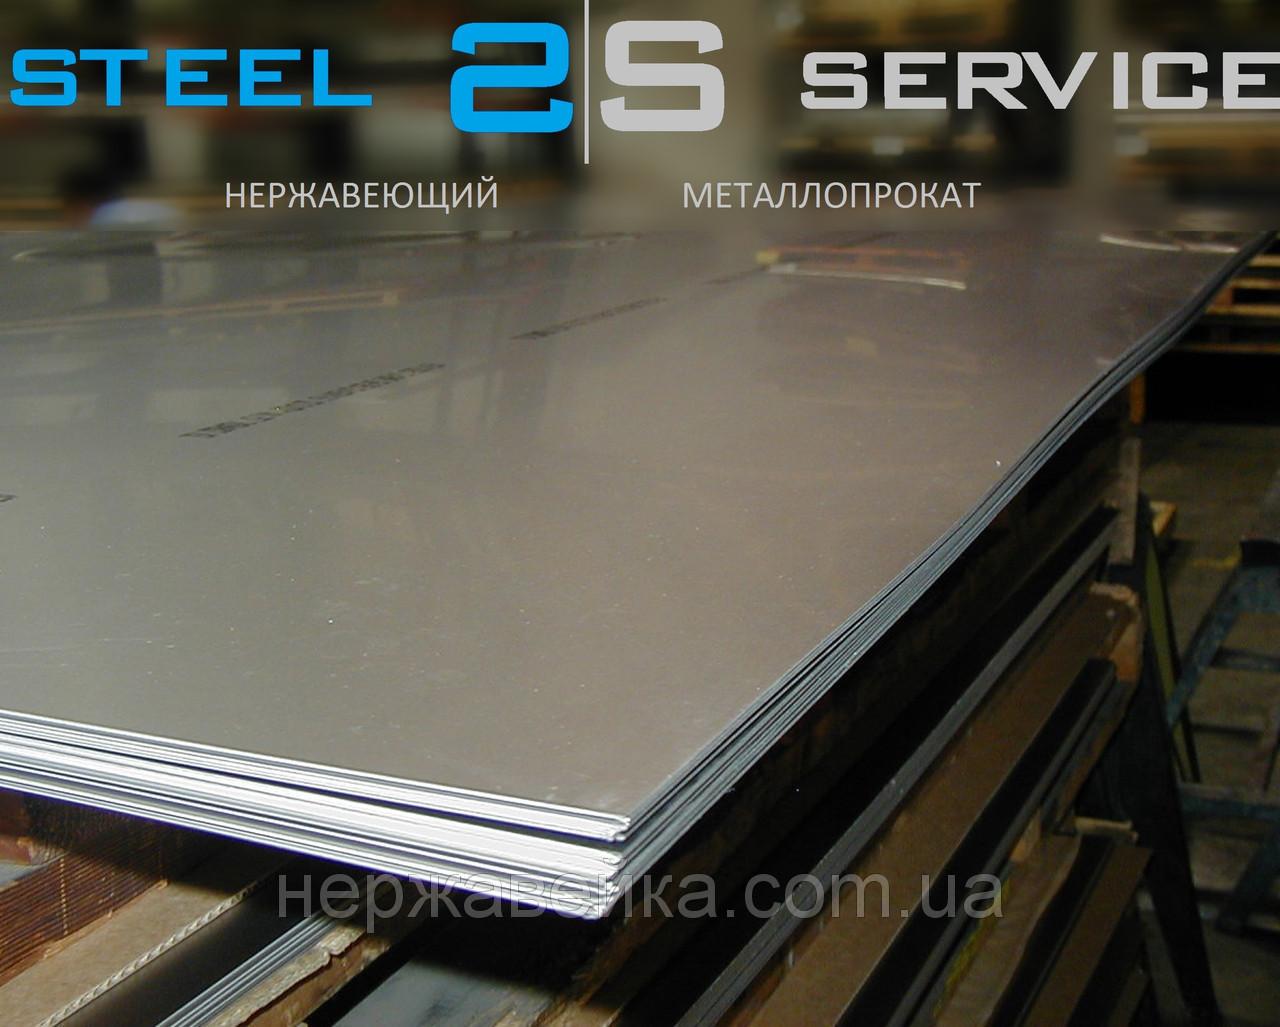 Нержавіючий лист 20х1500х6000мм AISI 316L(03Х17Н14М3) F1 - гарячекатаний, кислотостійкий